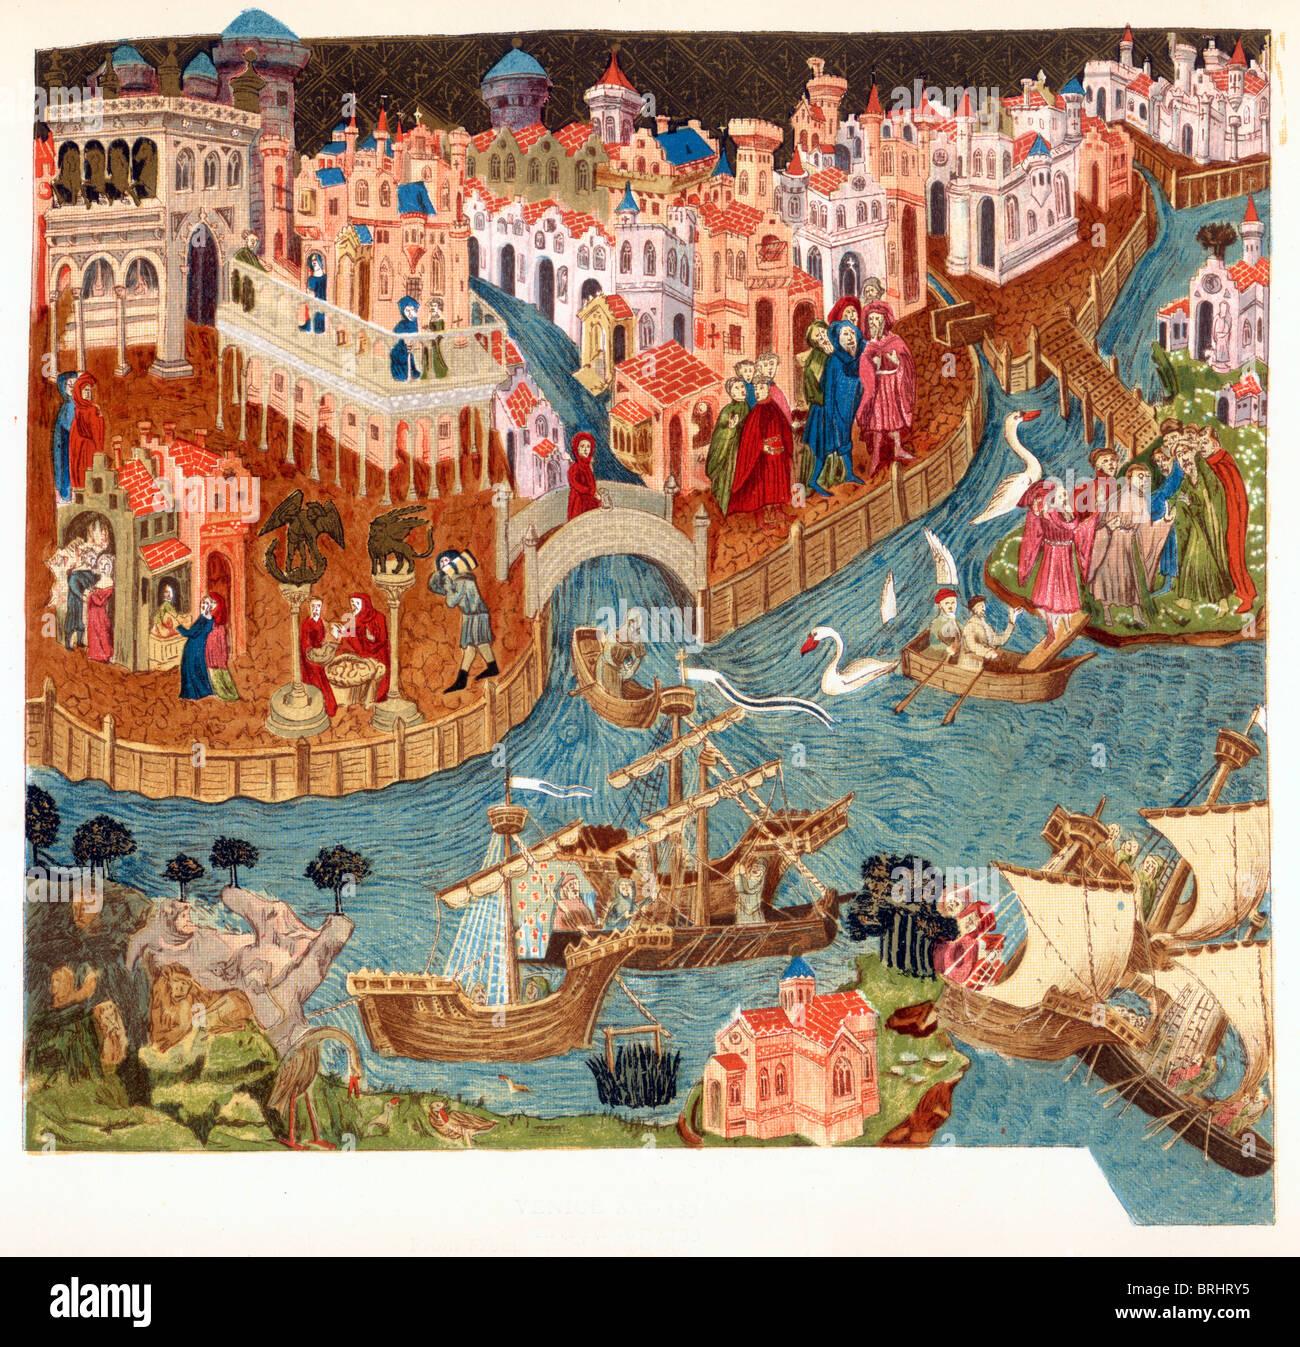 Illustrazione a colori; Venezia nell'anno 1338; da un manoscritto medievale nella biblioteca Bodleian Library Immagini Stock